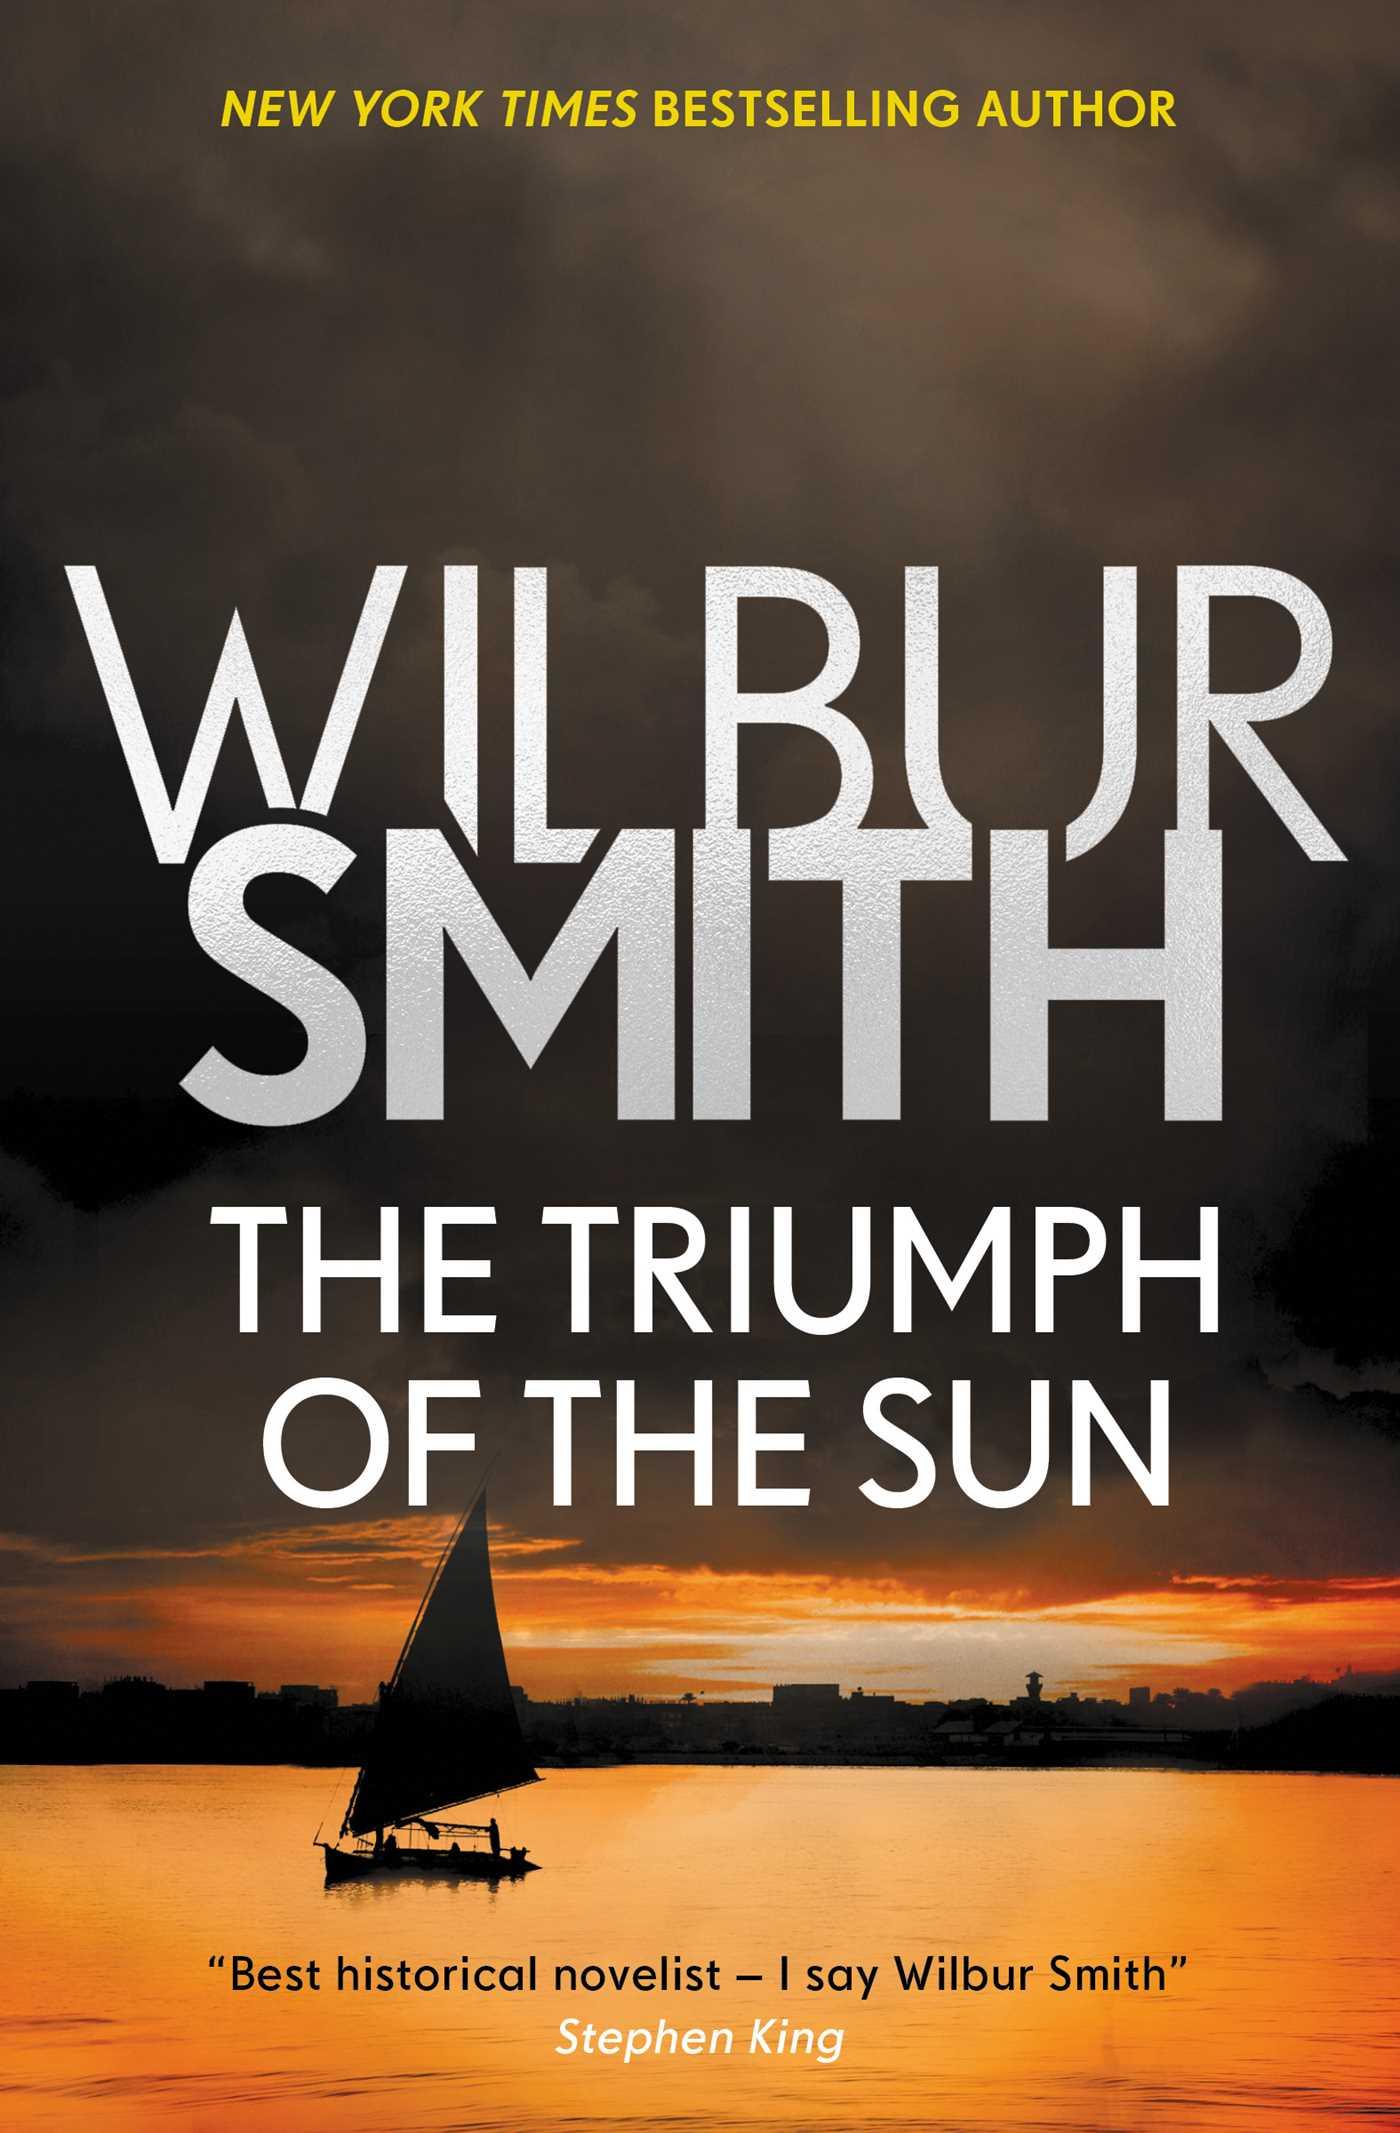 The triumph of the sun 9781499861075 hr